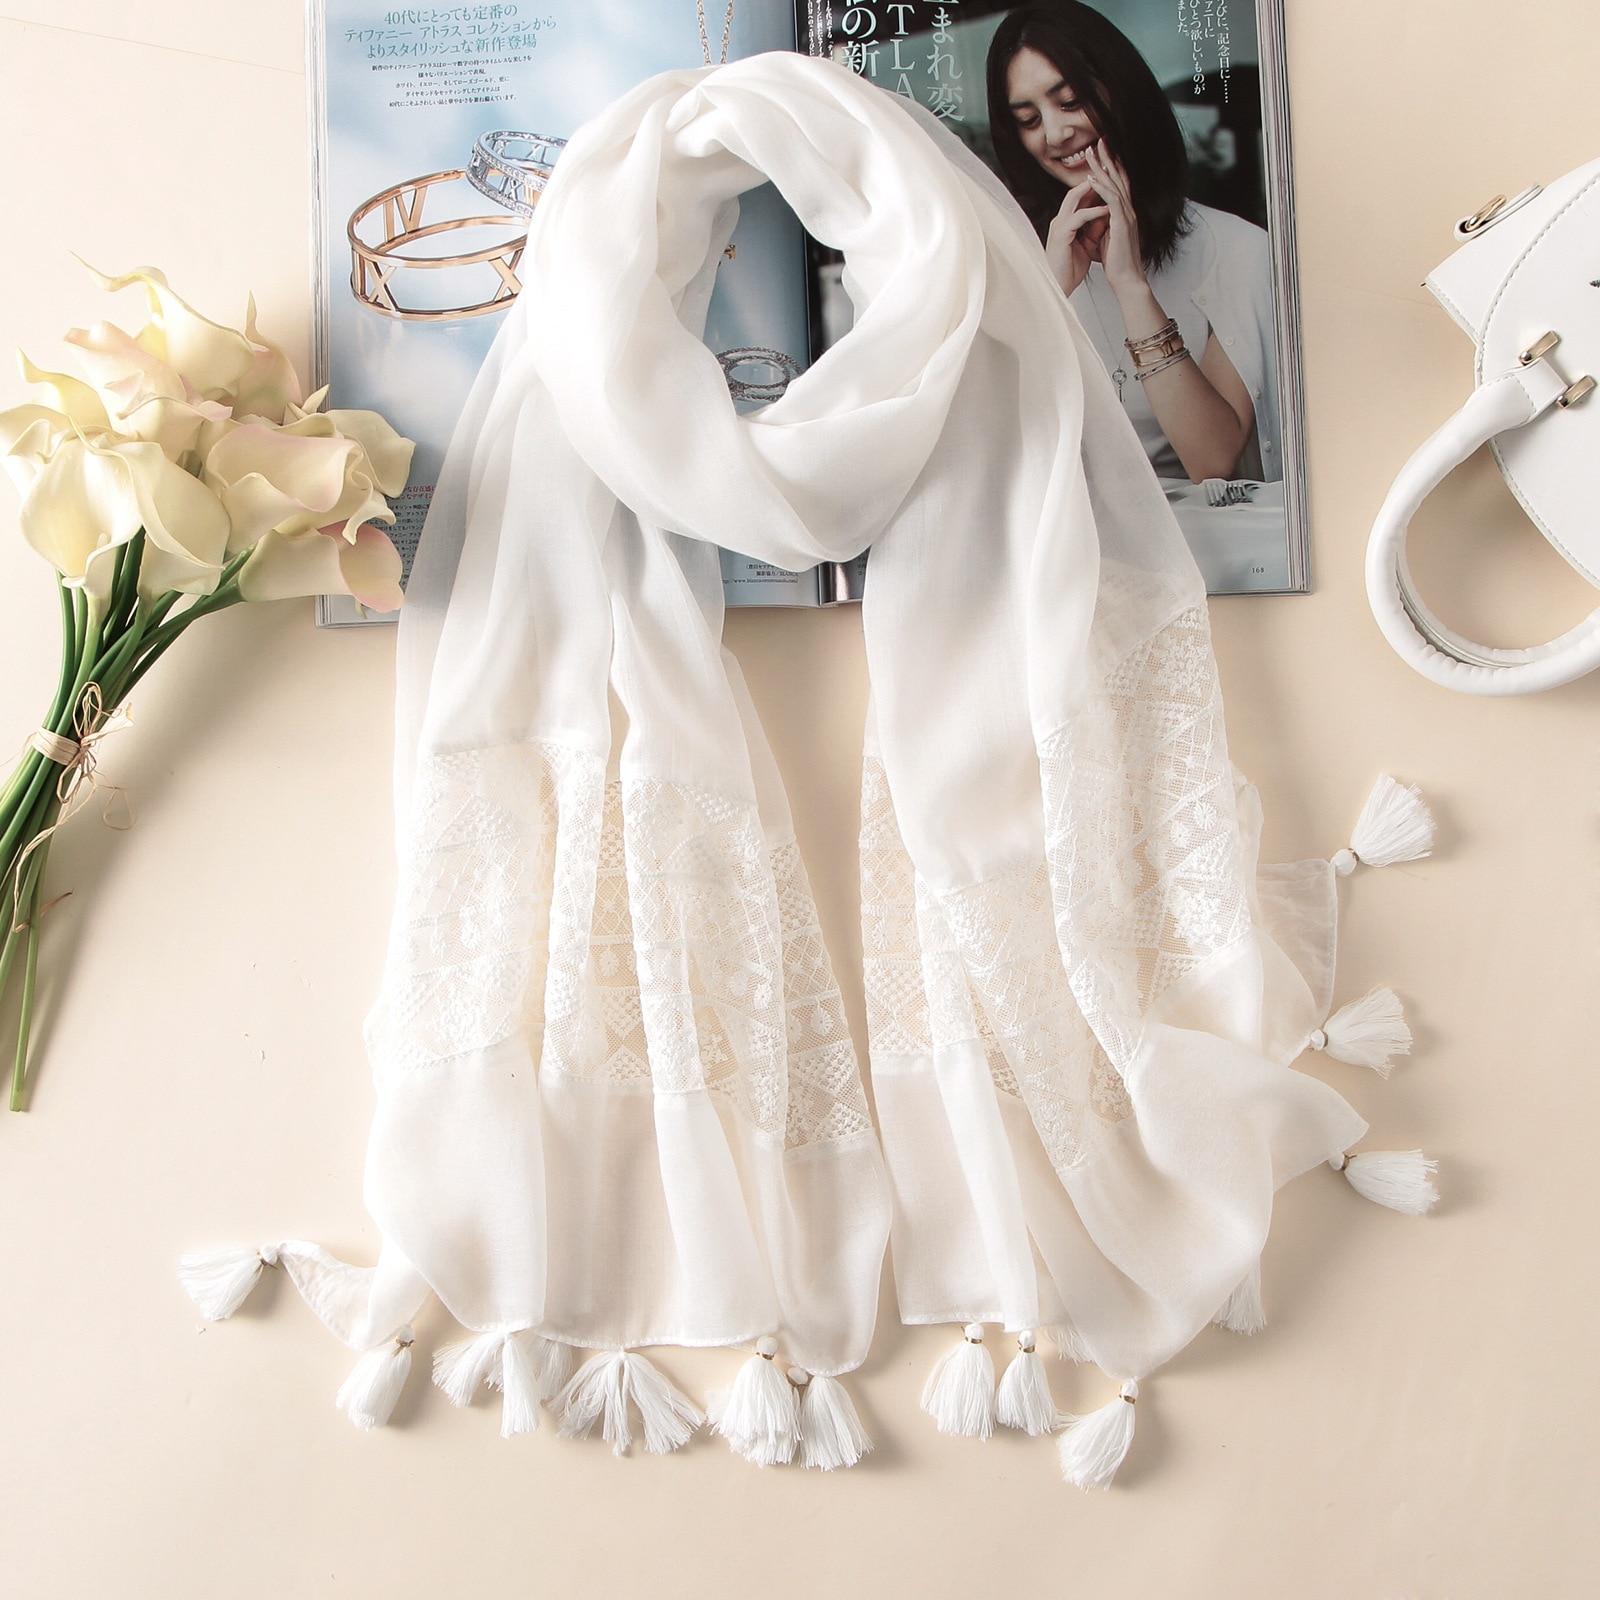 מותג 2018 אביב קיץ נשים צעיף אופנה לבן תחרה משי צעיפים צעיפים pashmina bandana נקבה faulard pareo חוף